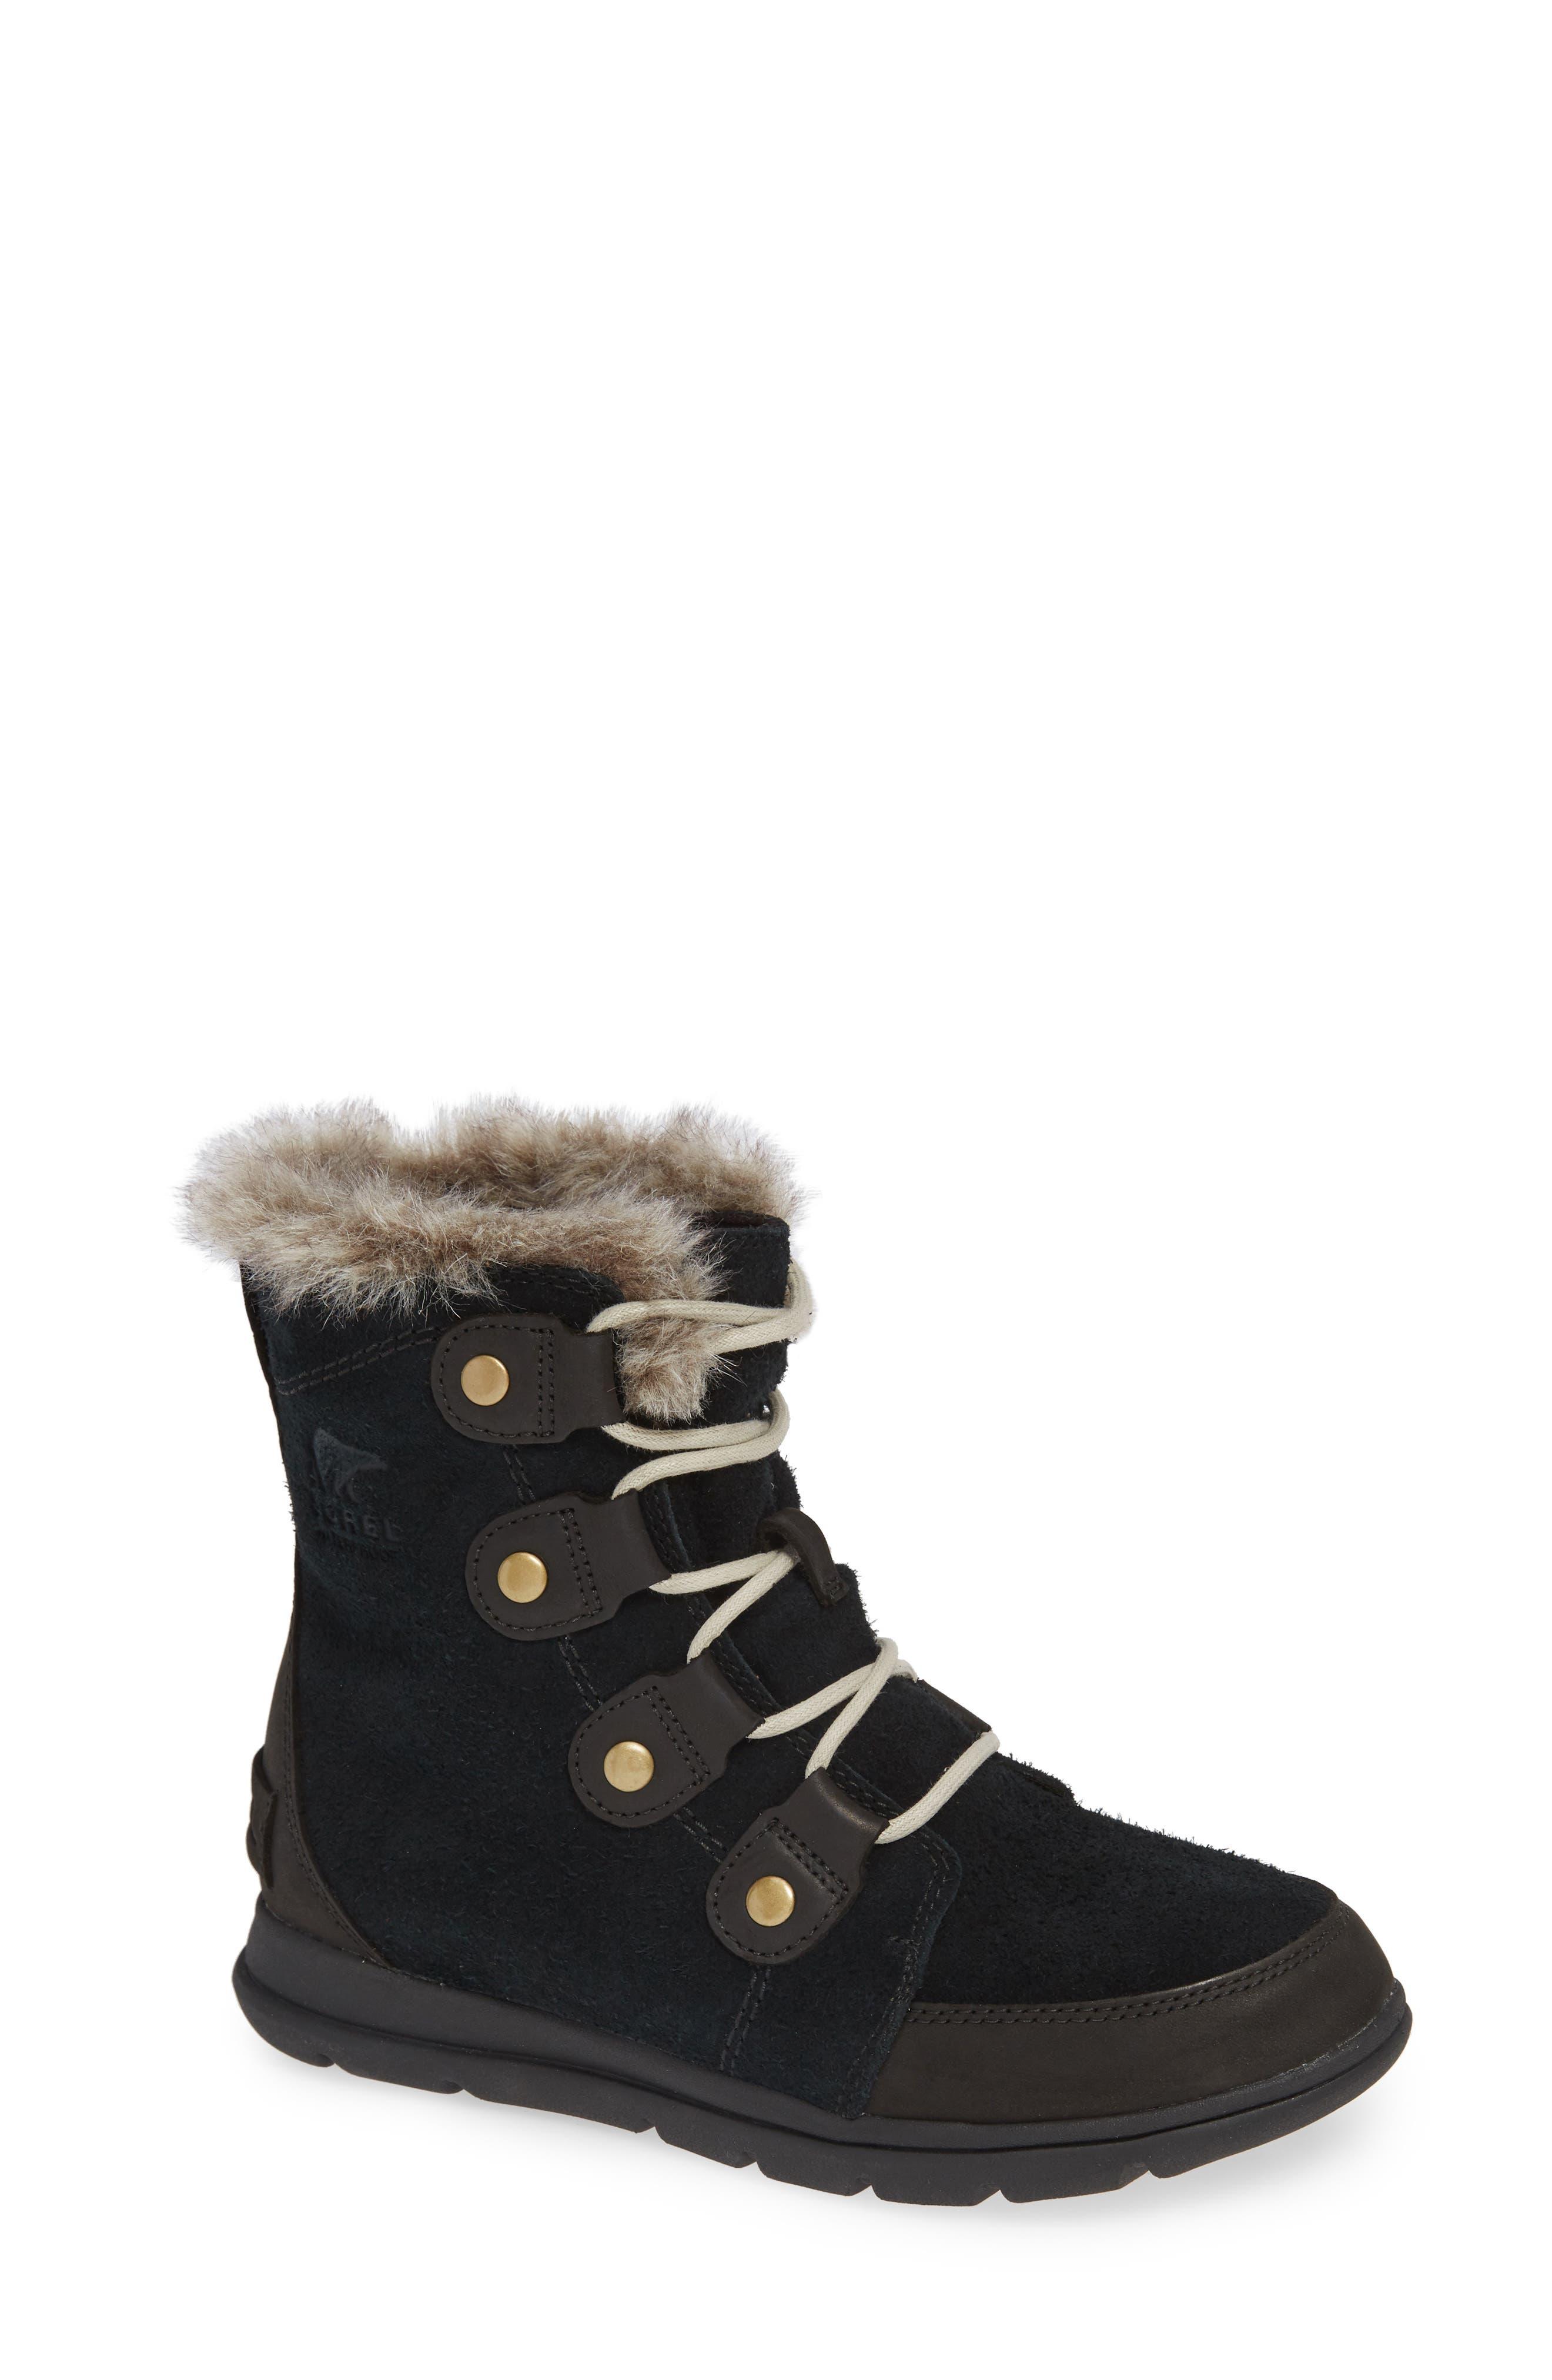 Explorer Joan Waterproof Boot with Faux Fur Collar,                         Main,                         color, BLACK/ DARK STONE